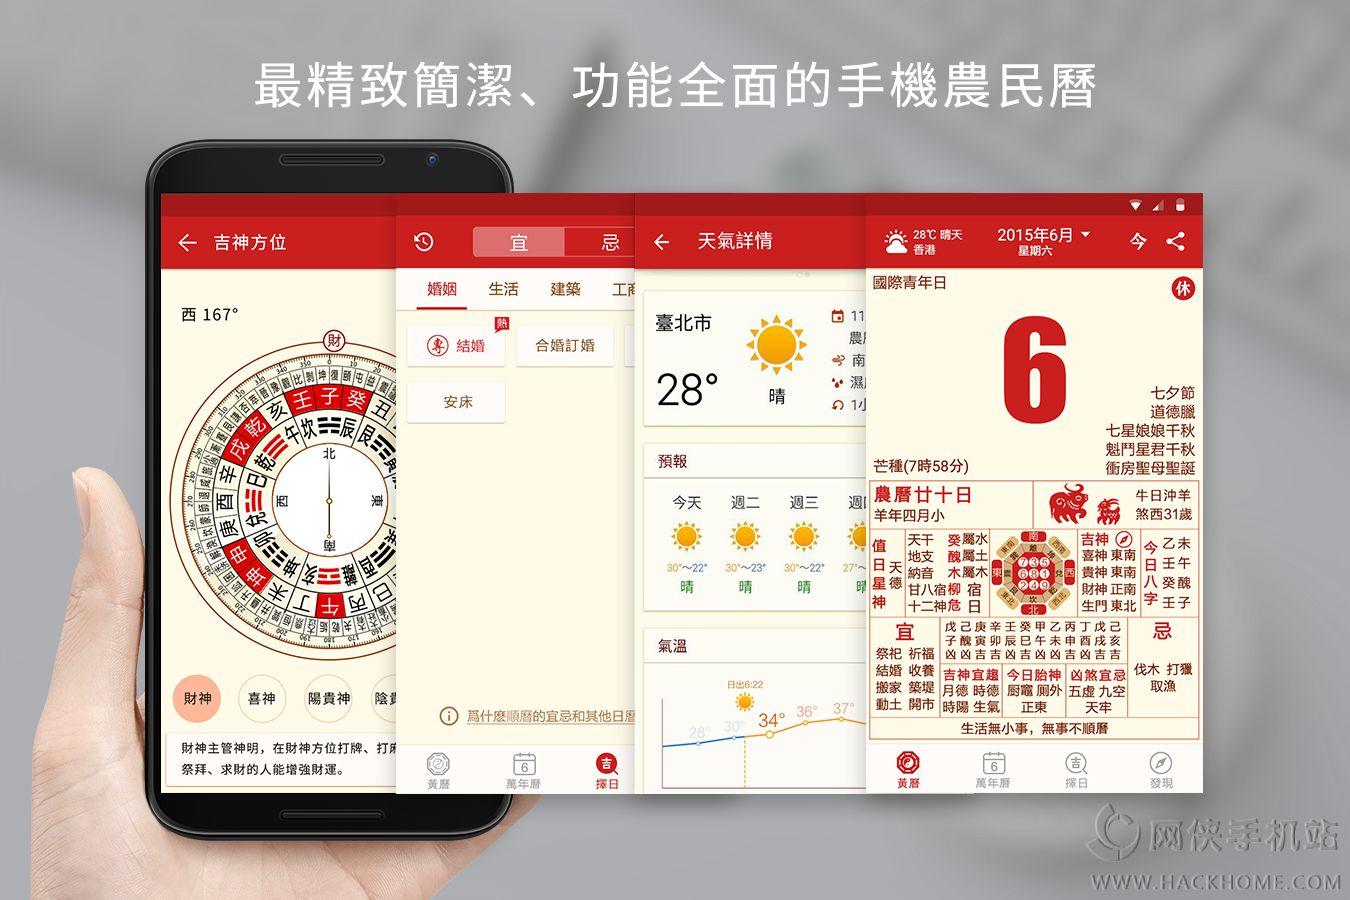 【2016万年历顺历APP手机版客户端下载】_2苹果手机能用双卡吗图片